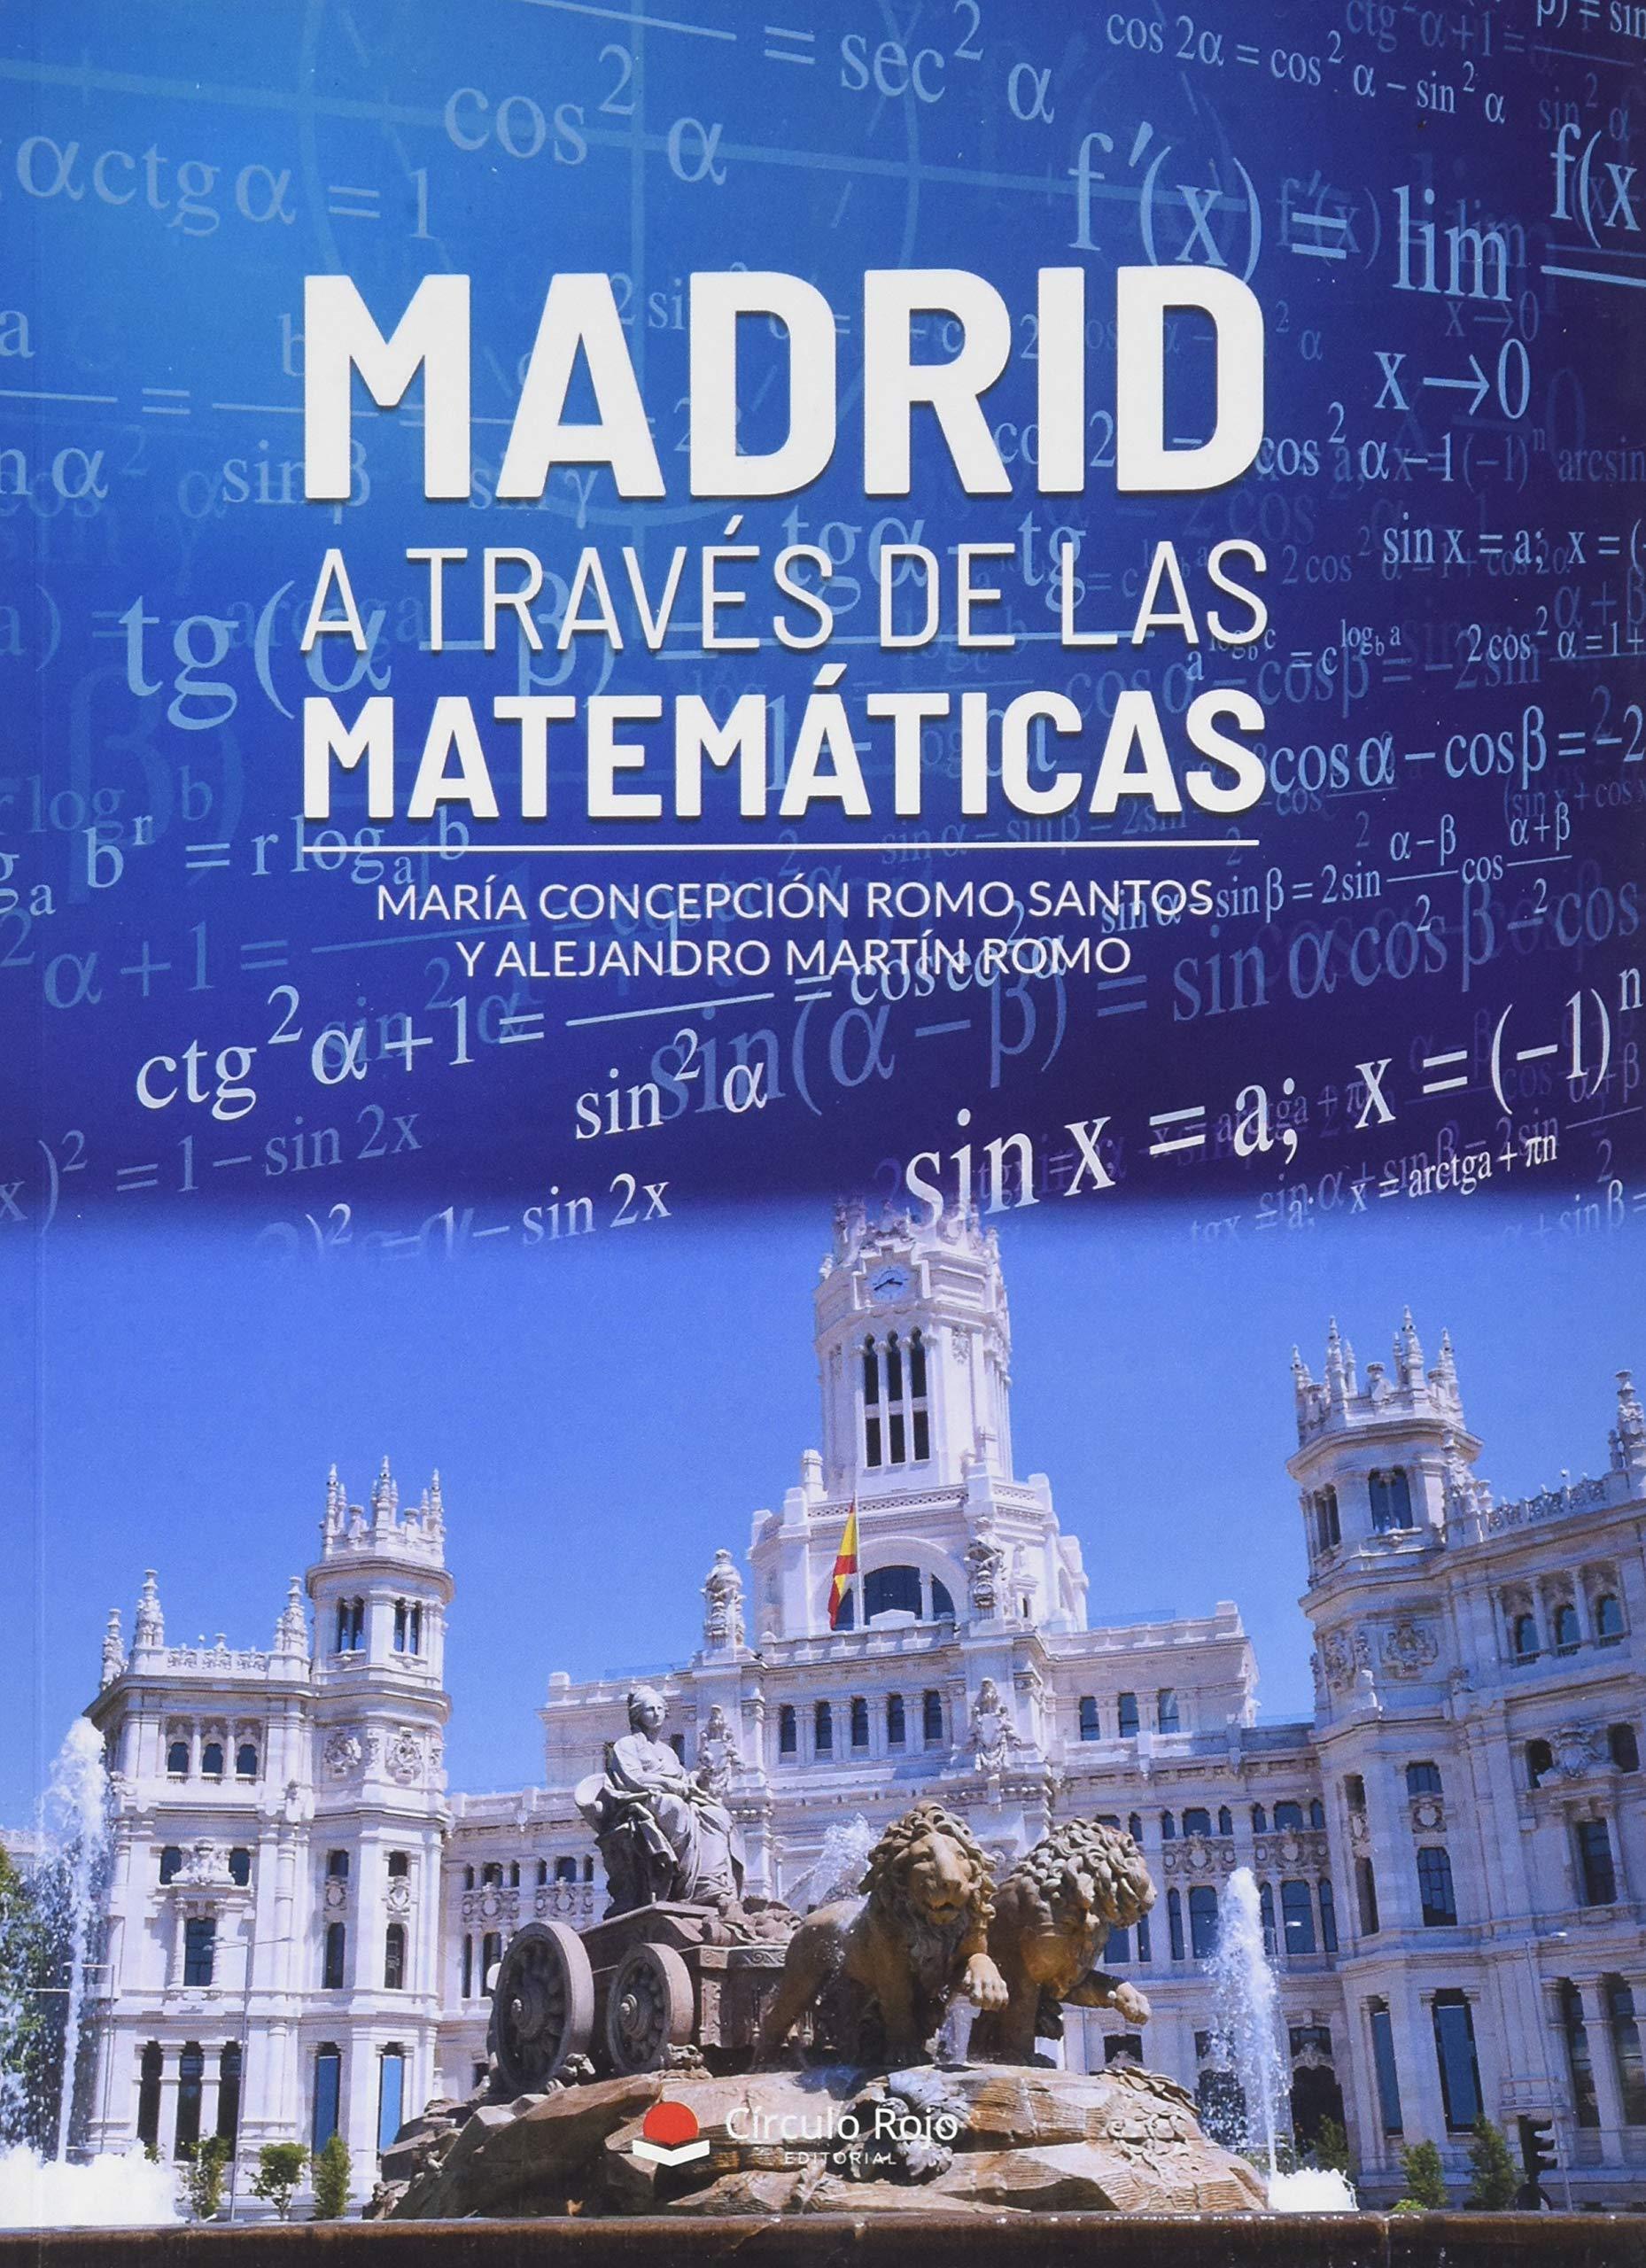 madrid-a-traves-matematicas-circulo-rojo